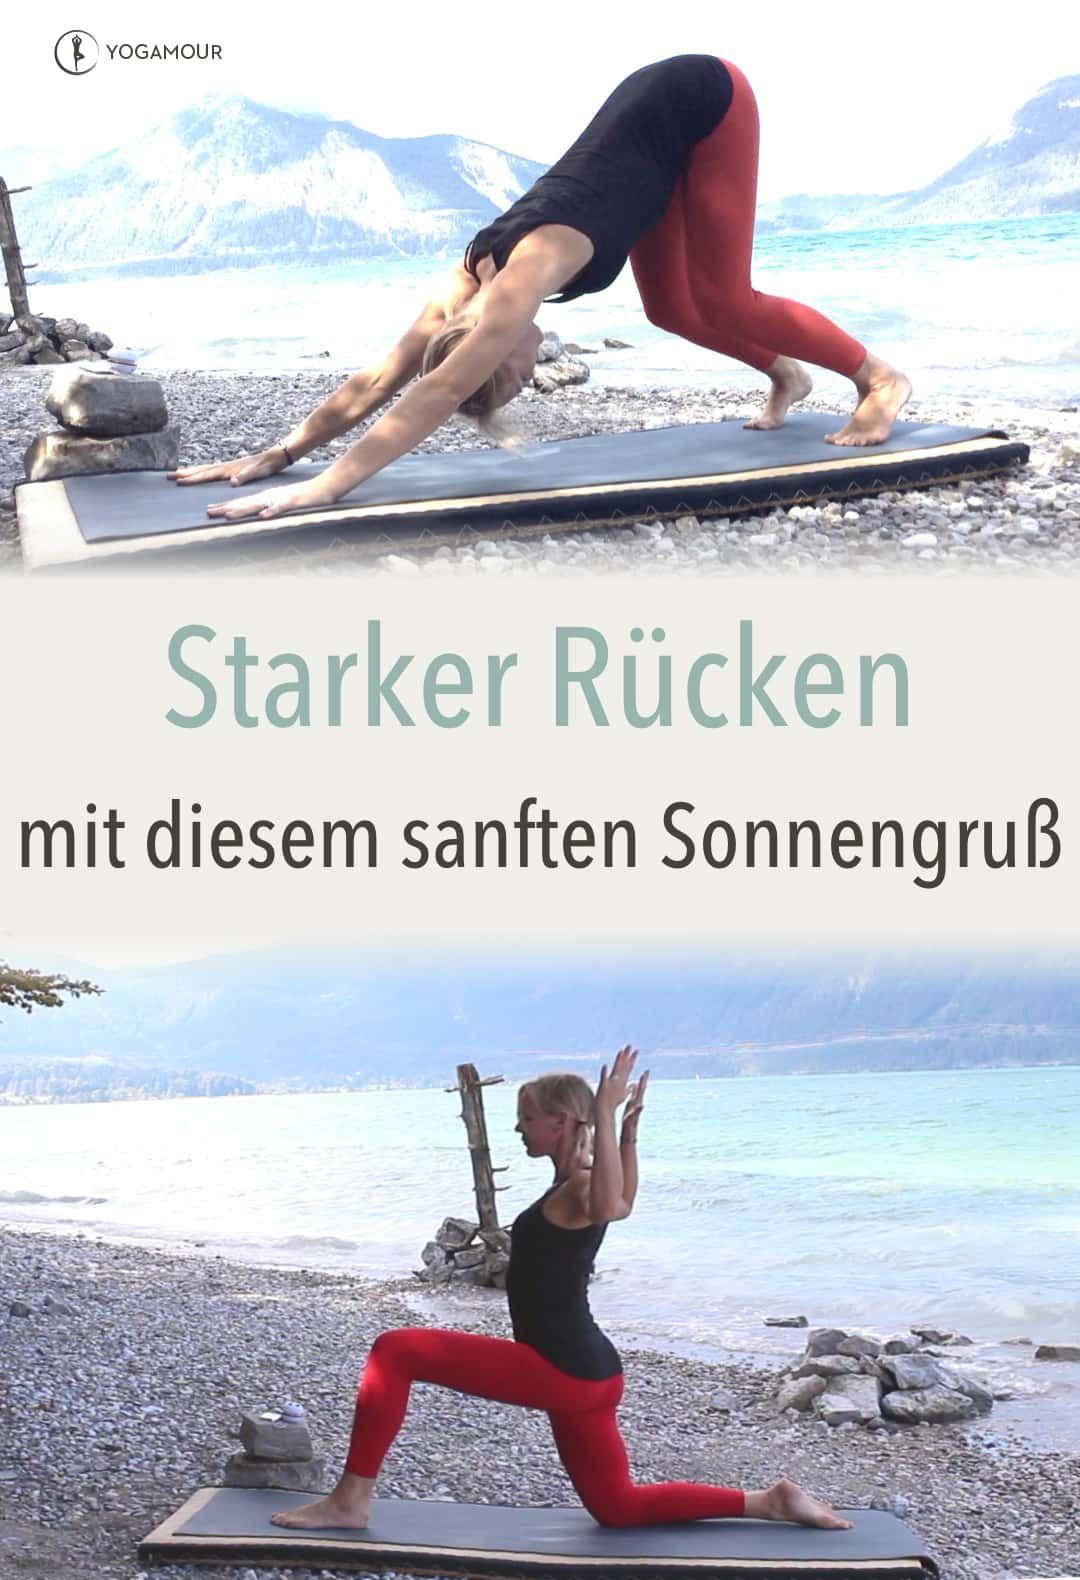 Eine kleine Anleitung für einen rücken-freundlichen und rücken-stärkenden Sonnengruß. Eine 7 Minuten langer (kurzer 😀) Yoga-Video-Kurs